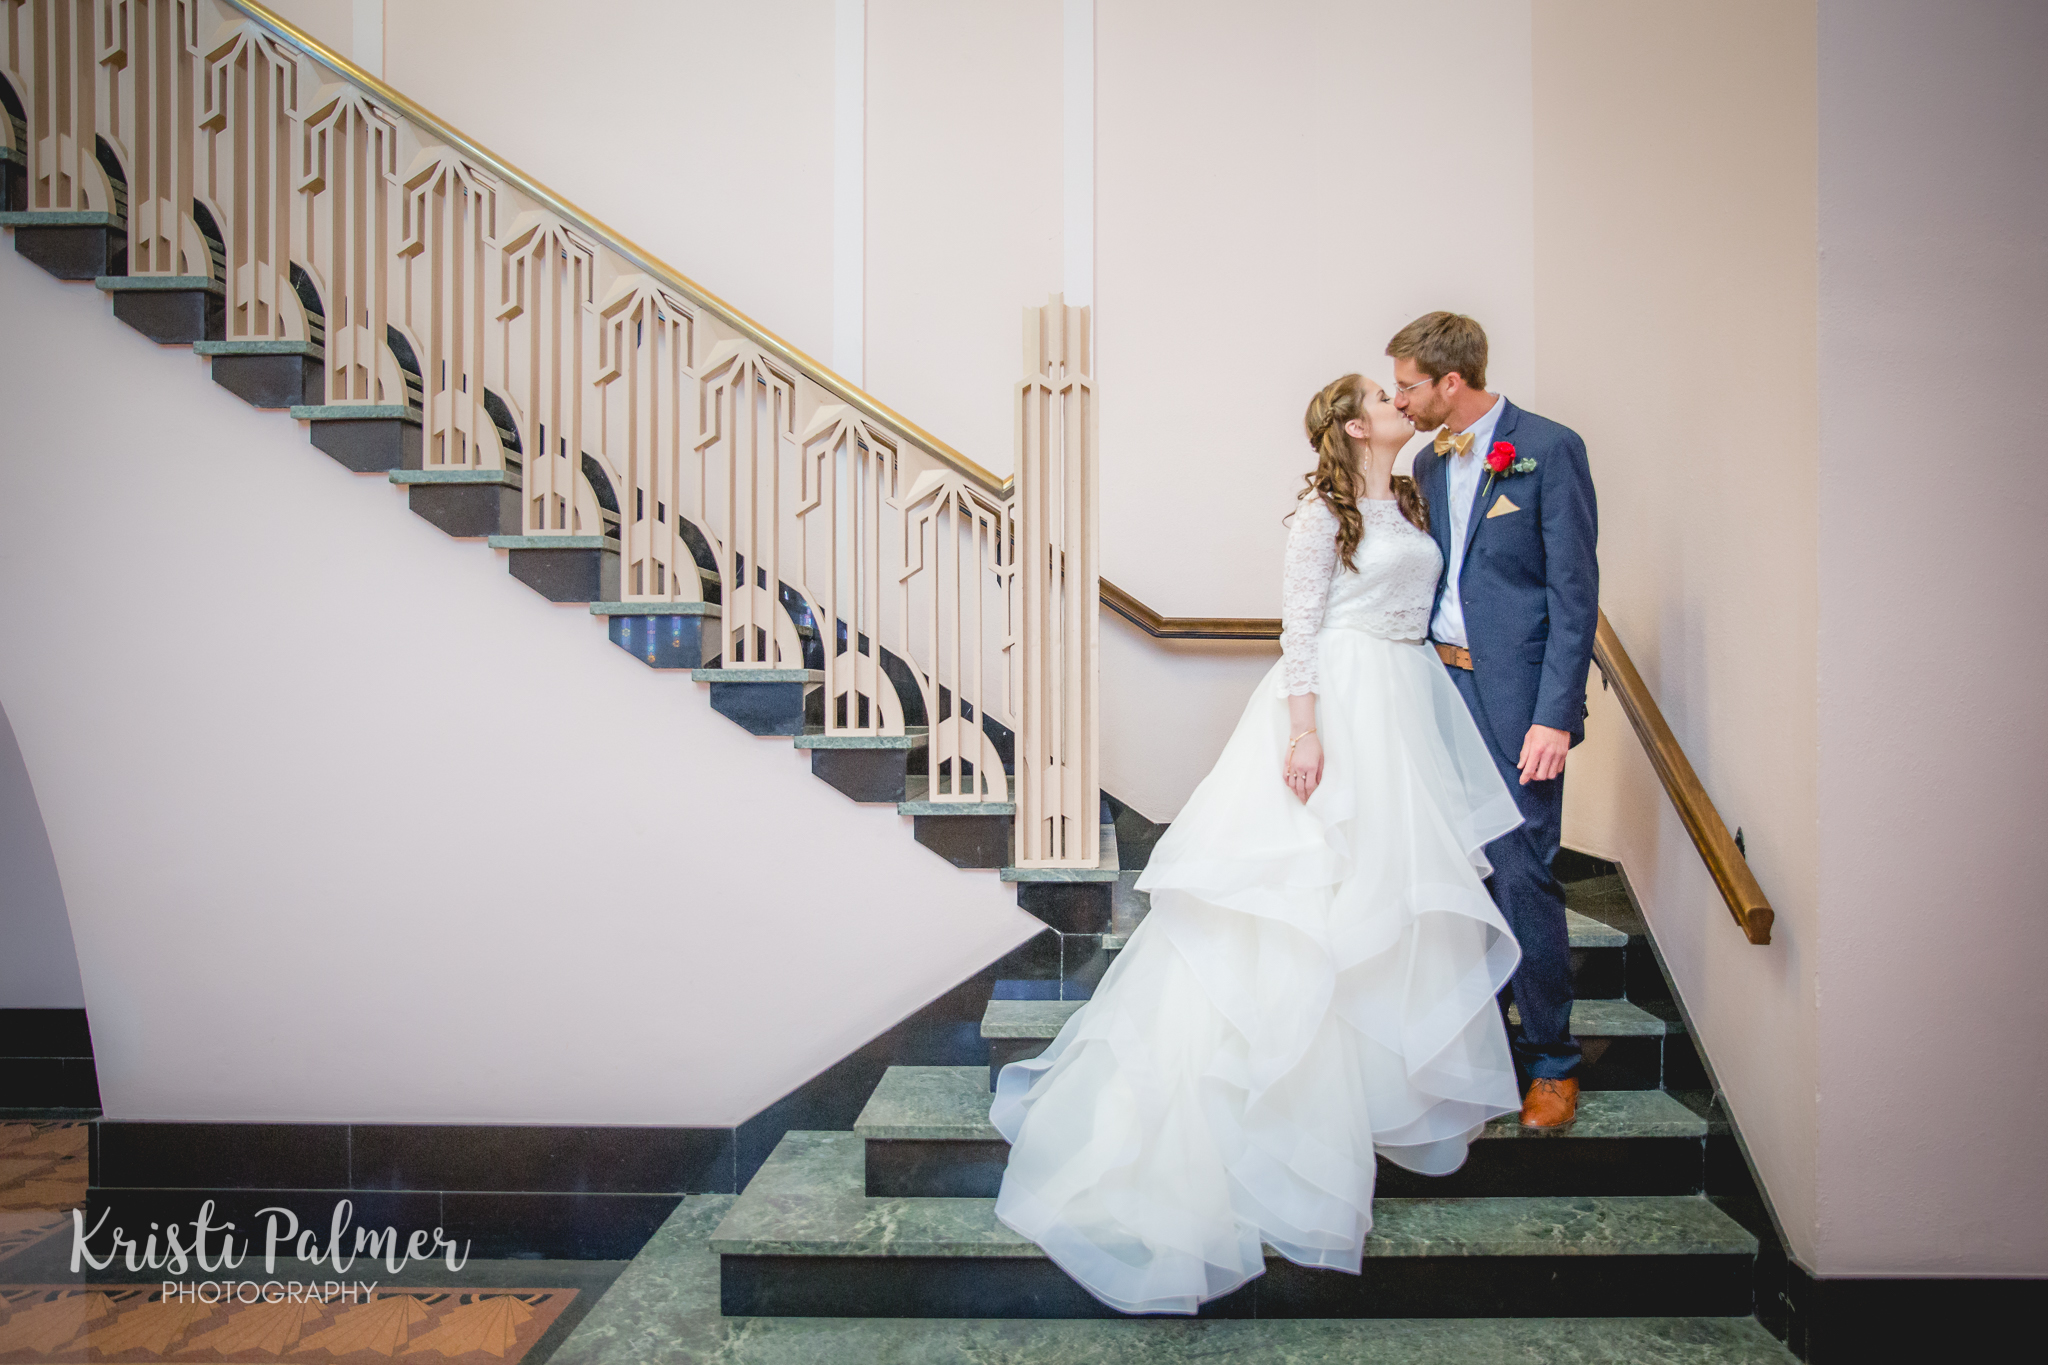 wedding couple bride and groom